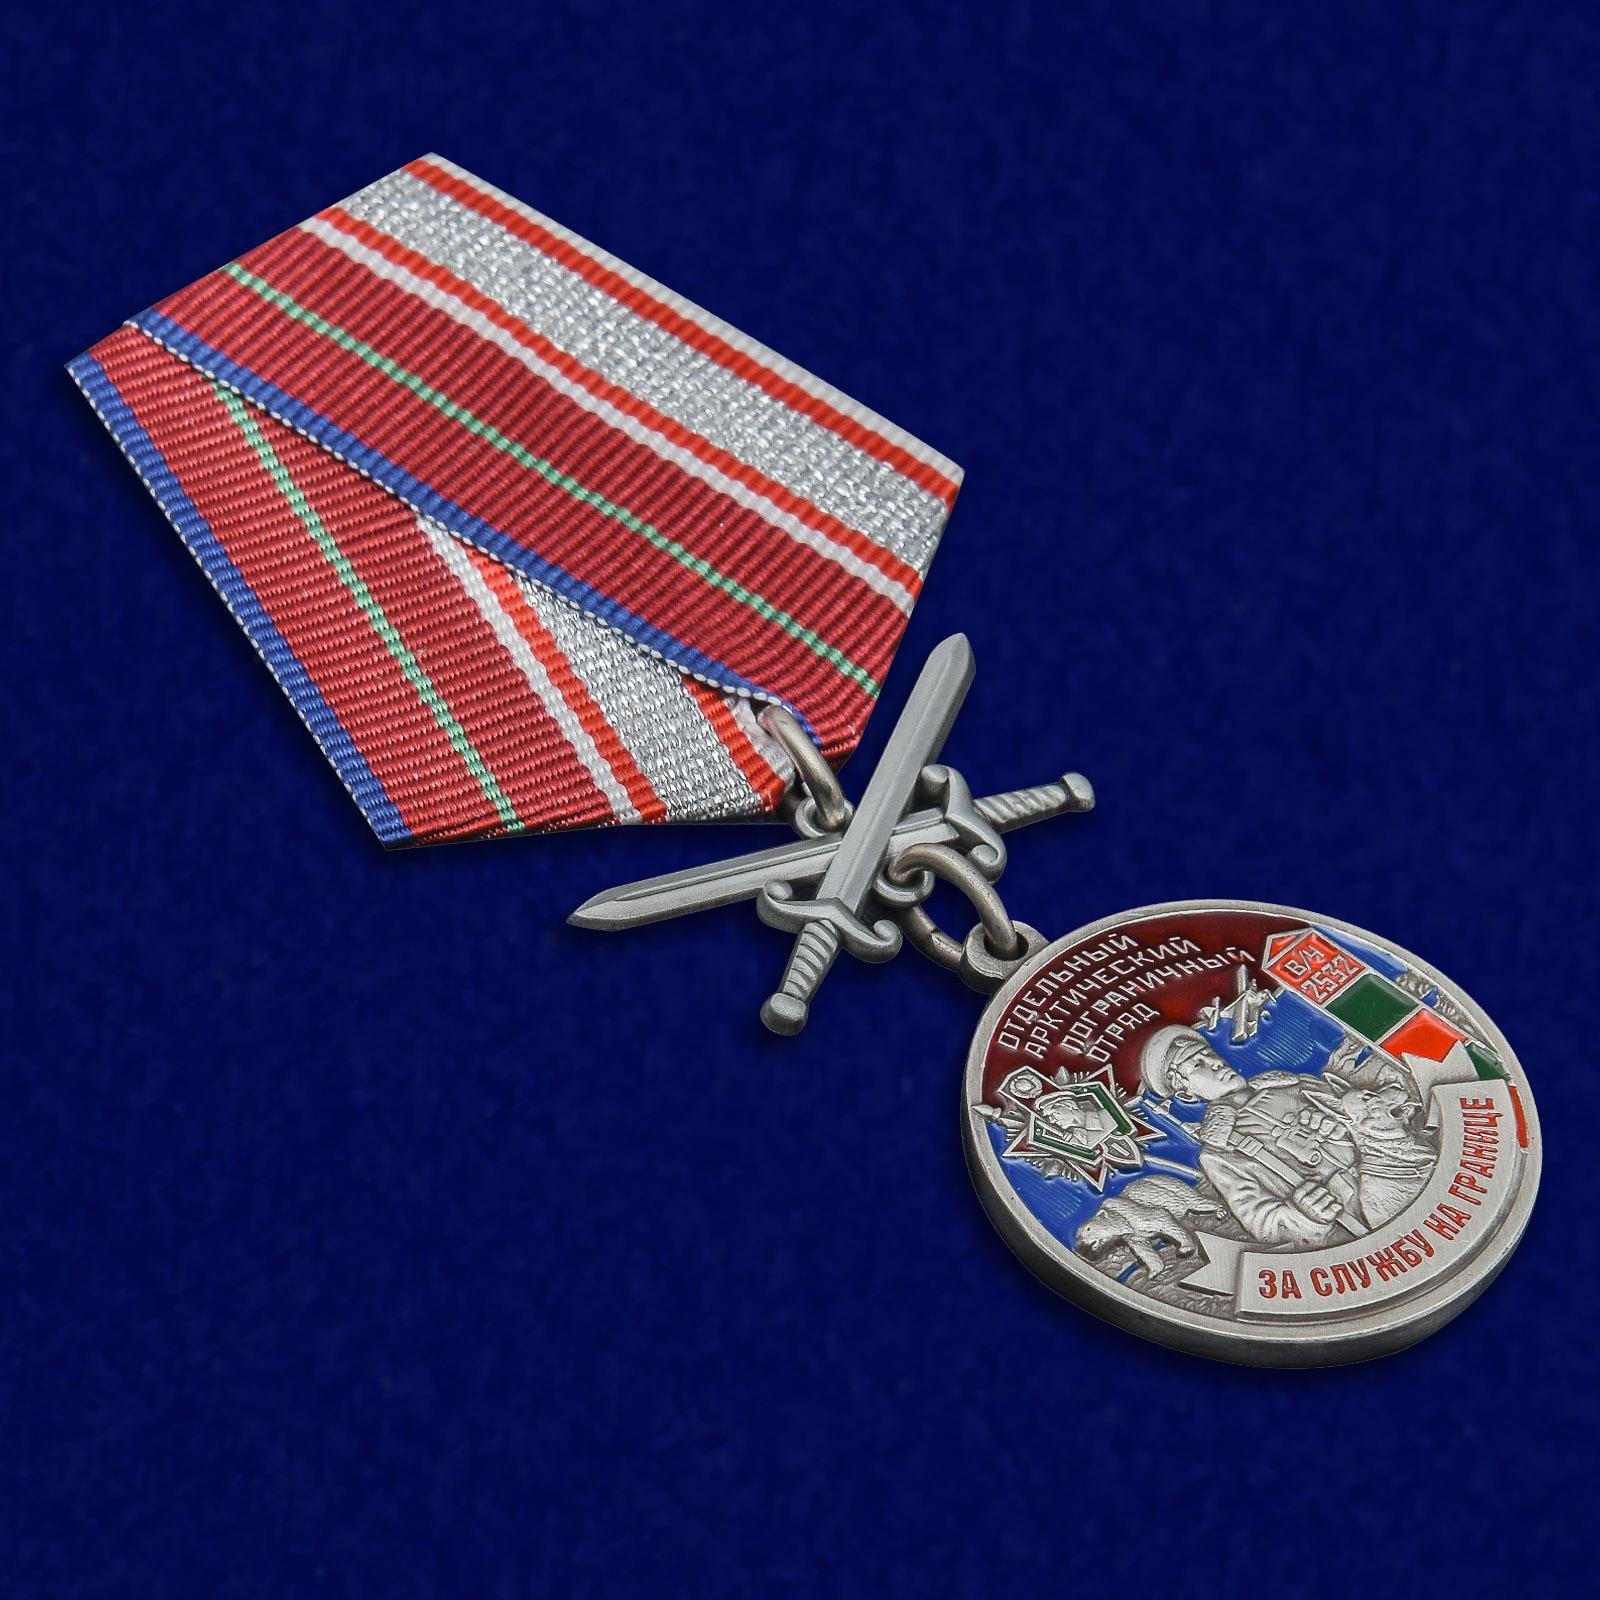 Наградная медаль За службу в Арктическом пограничном отряде - общий вид